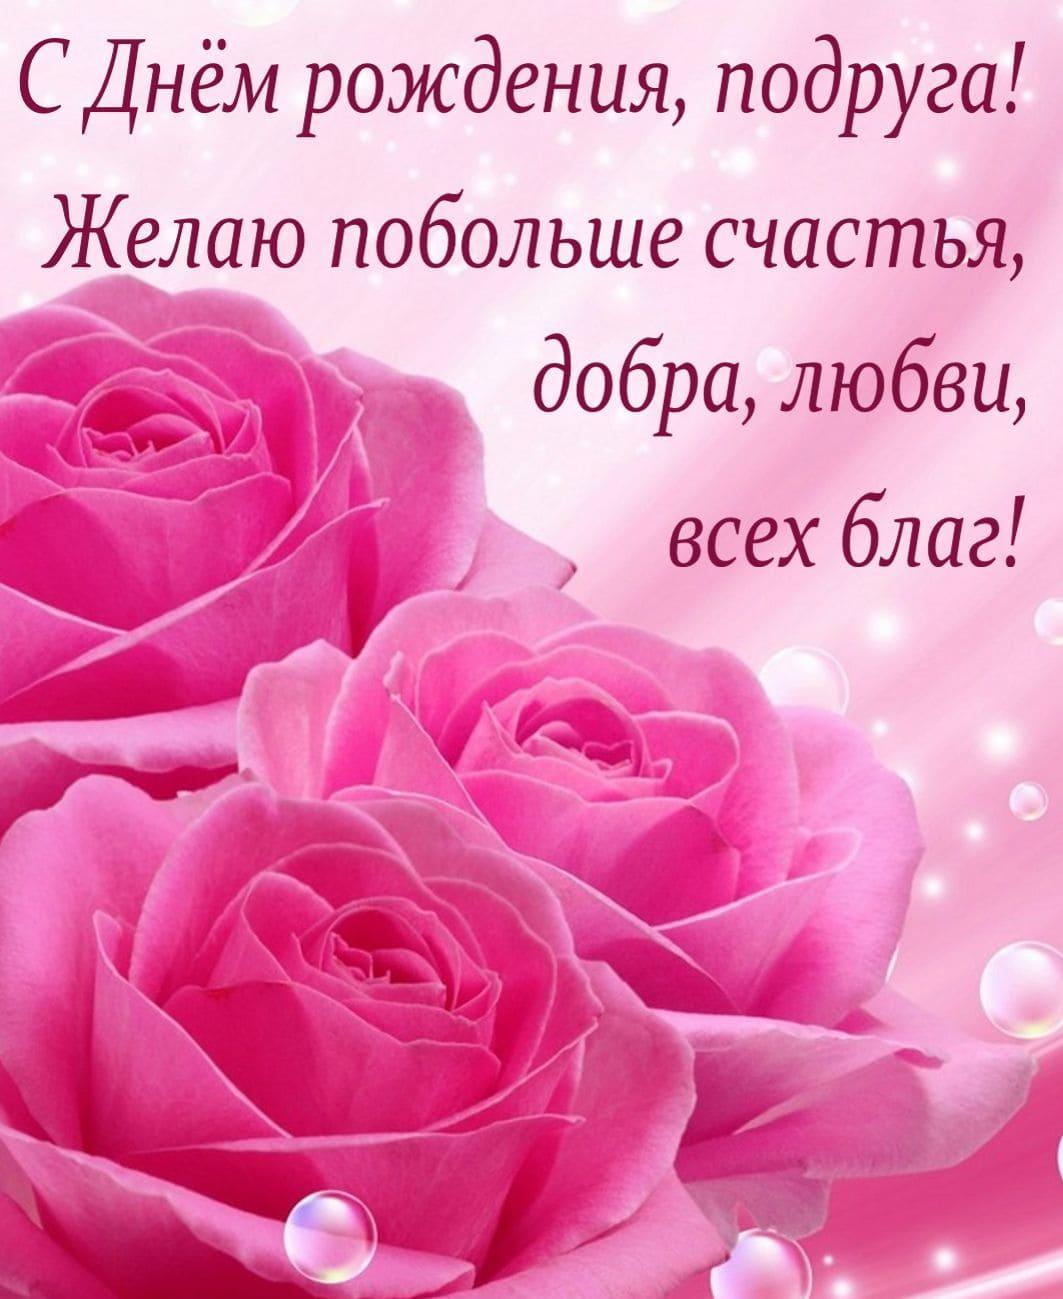 Изображение - Открытка поздравления подруге с днем рождения otkrytki-s-dnem-rozhdeniya-podruge-42